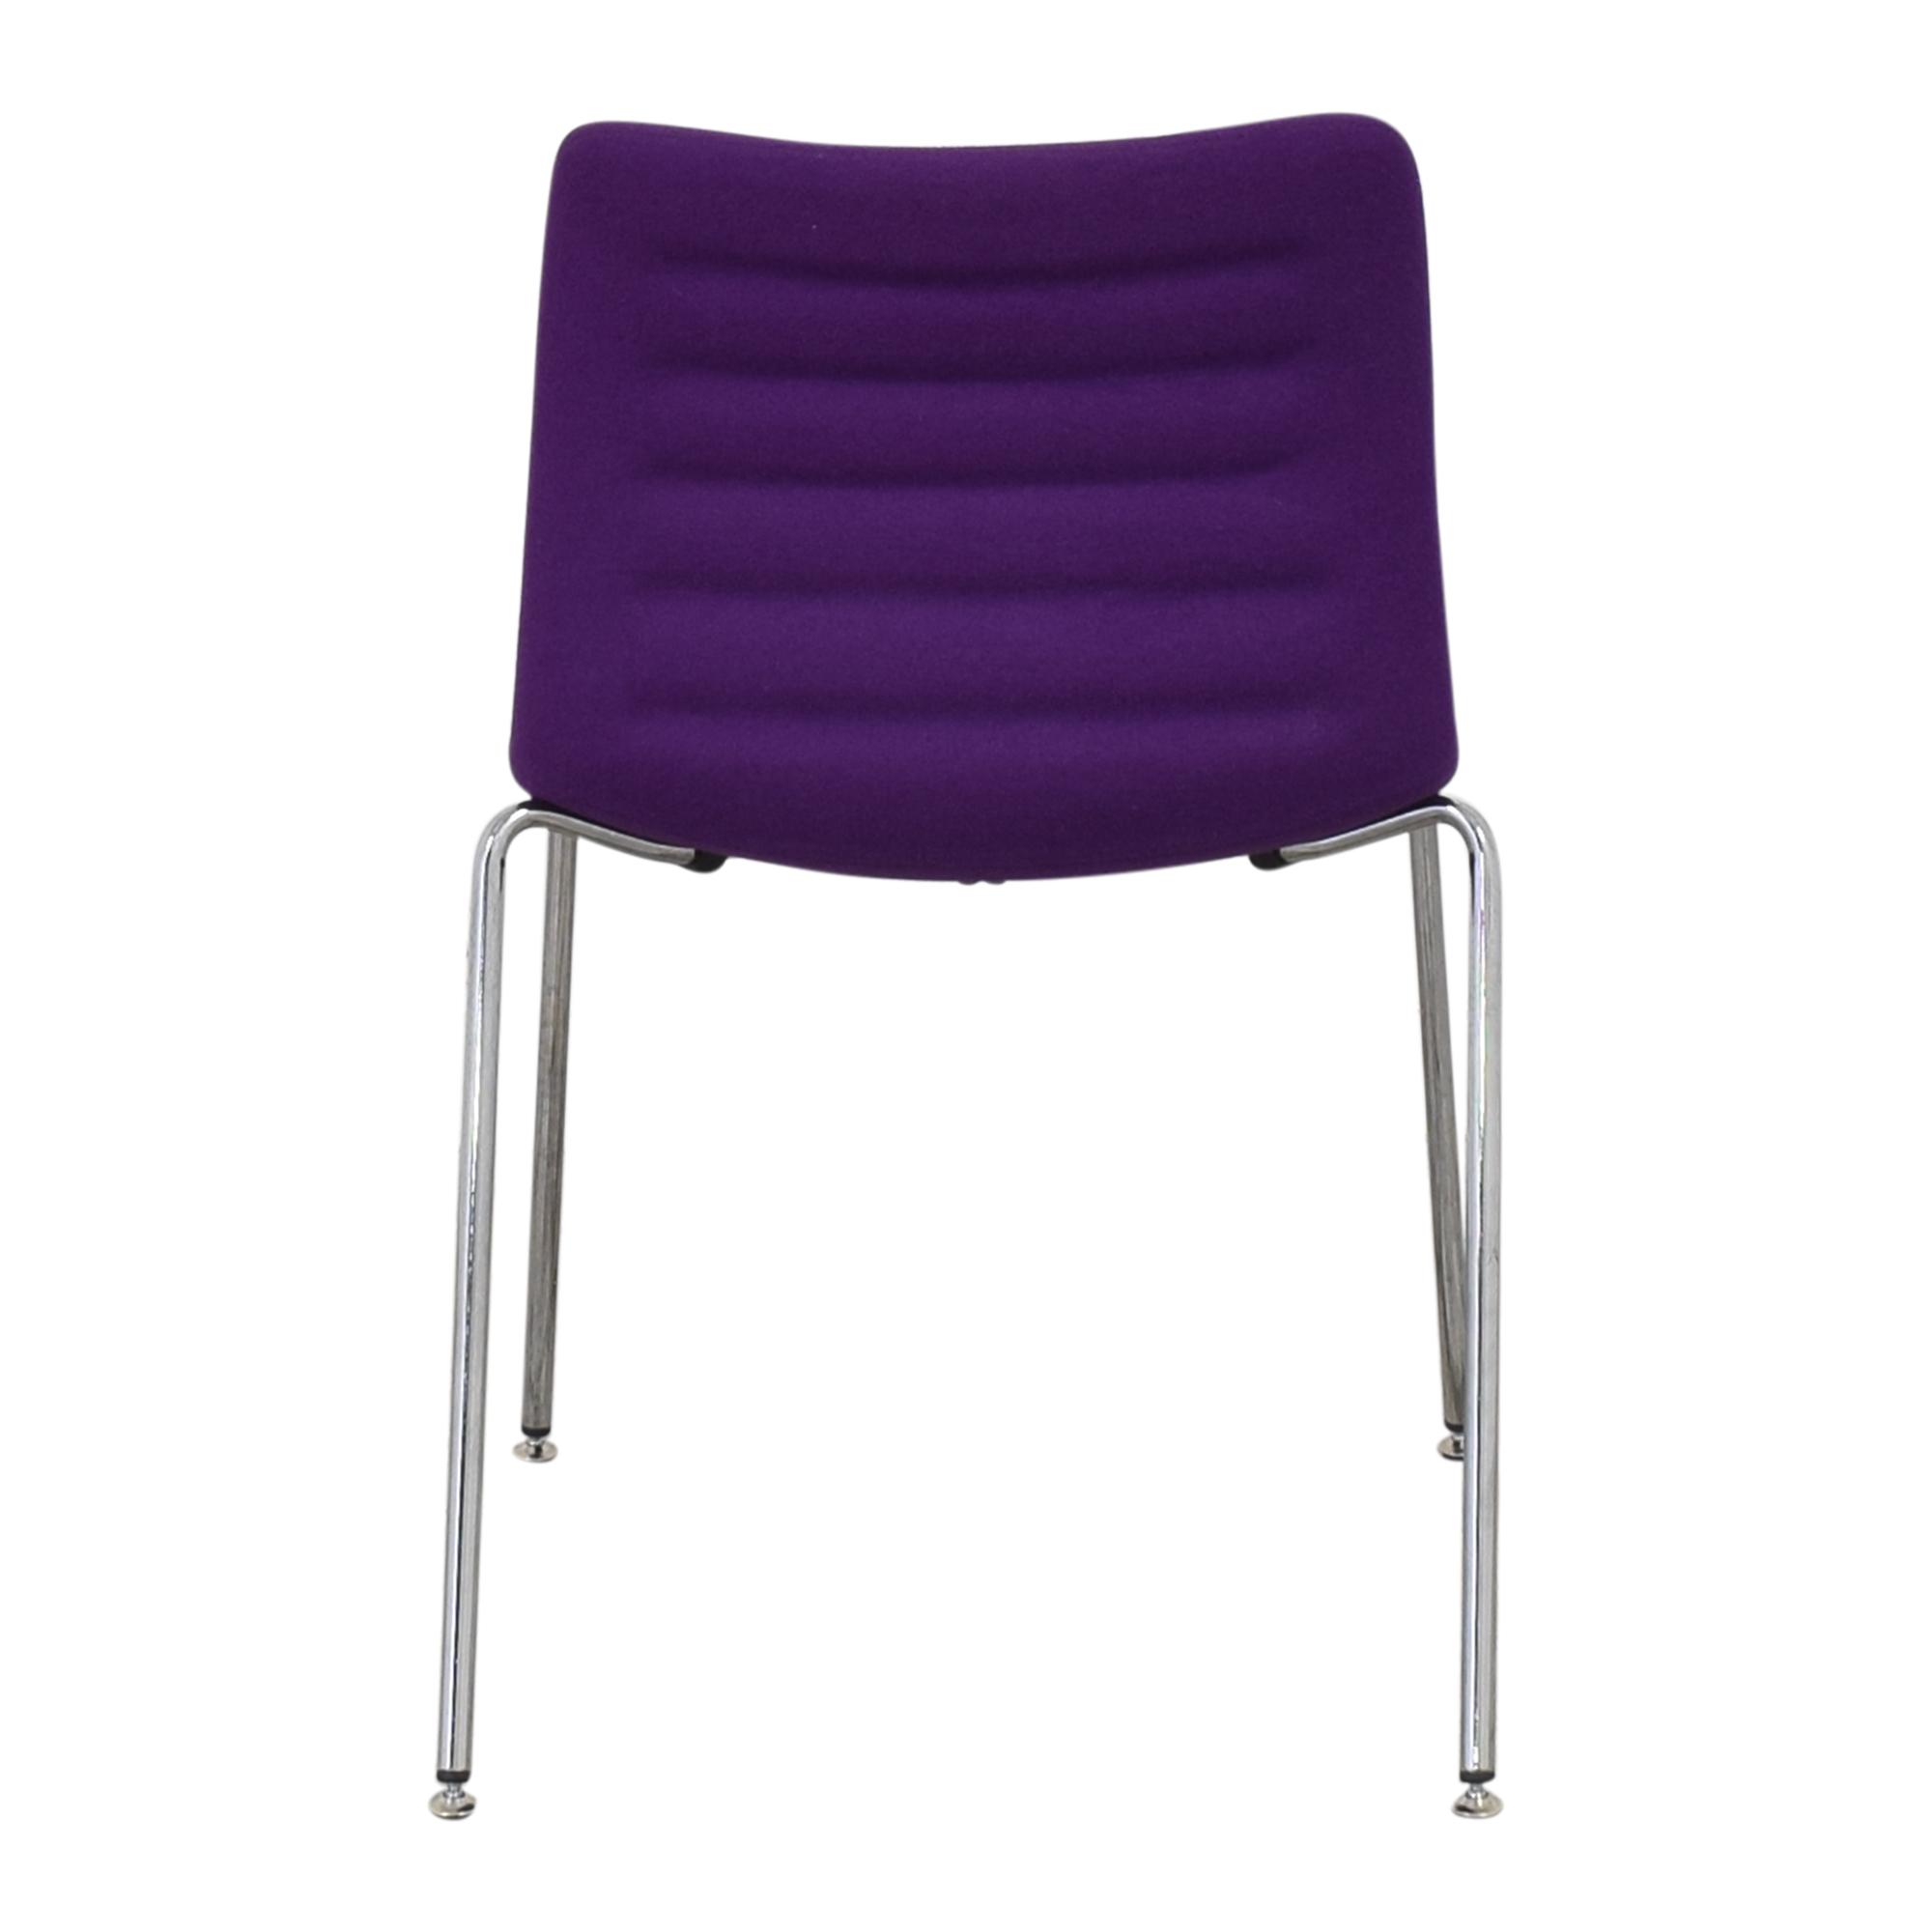 Koleksiyon Koleksiyon Helen Armless Chair on sale